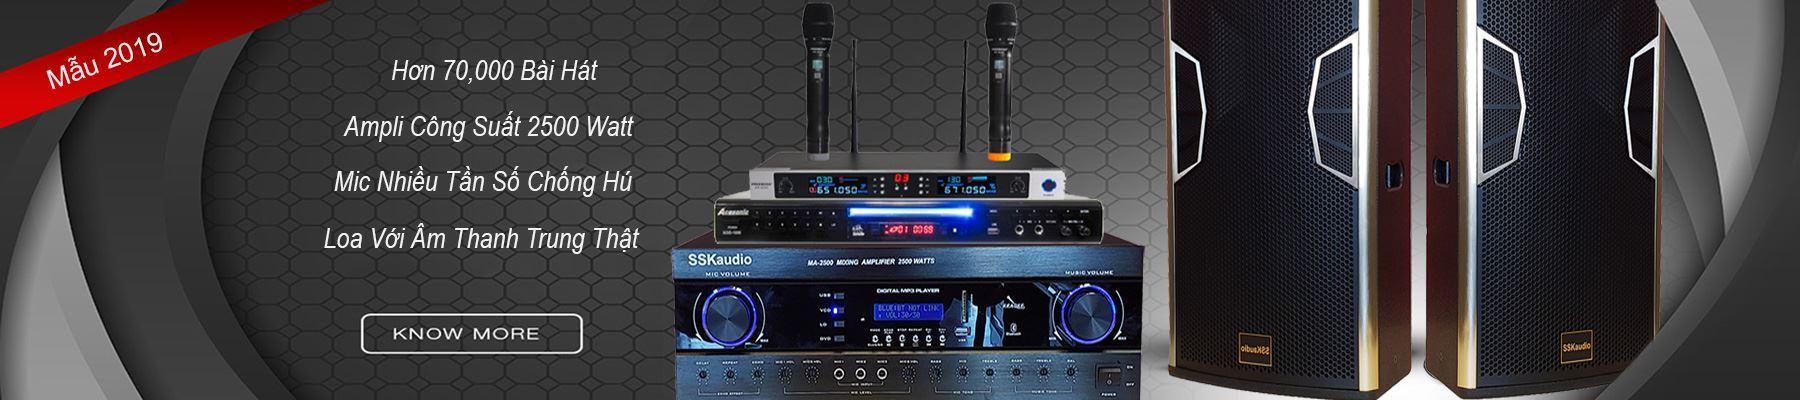 trọn bộ dàn karaoke nhãn hiệu SSKaudio